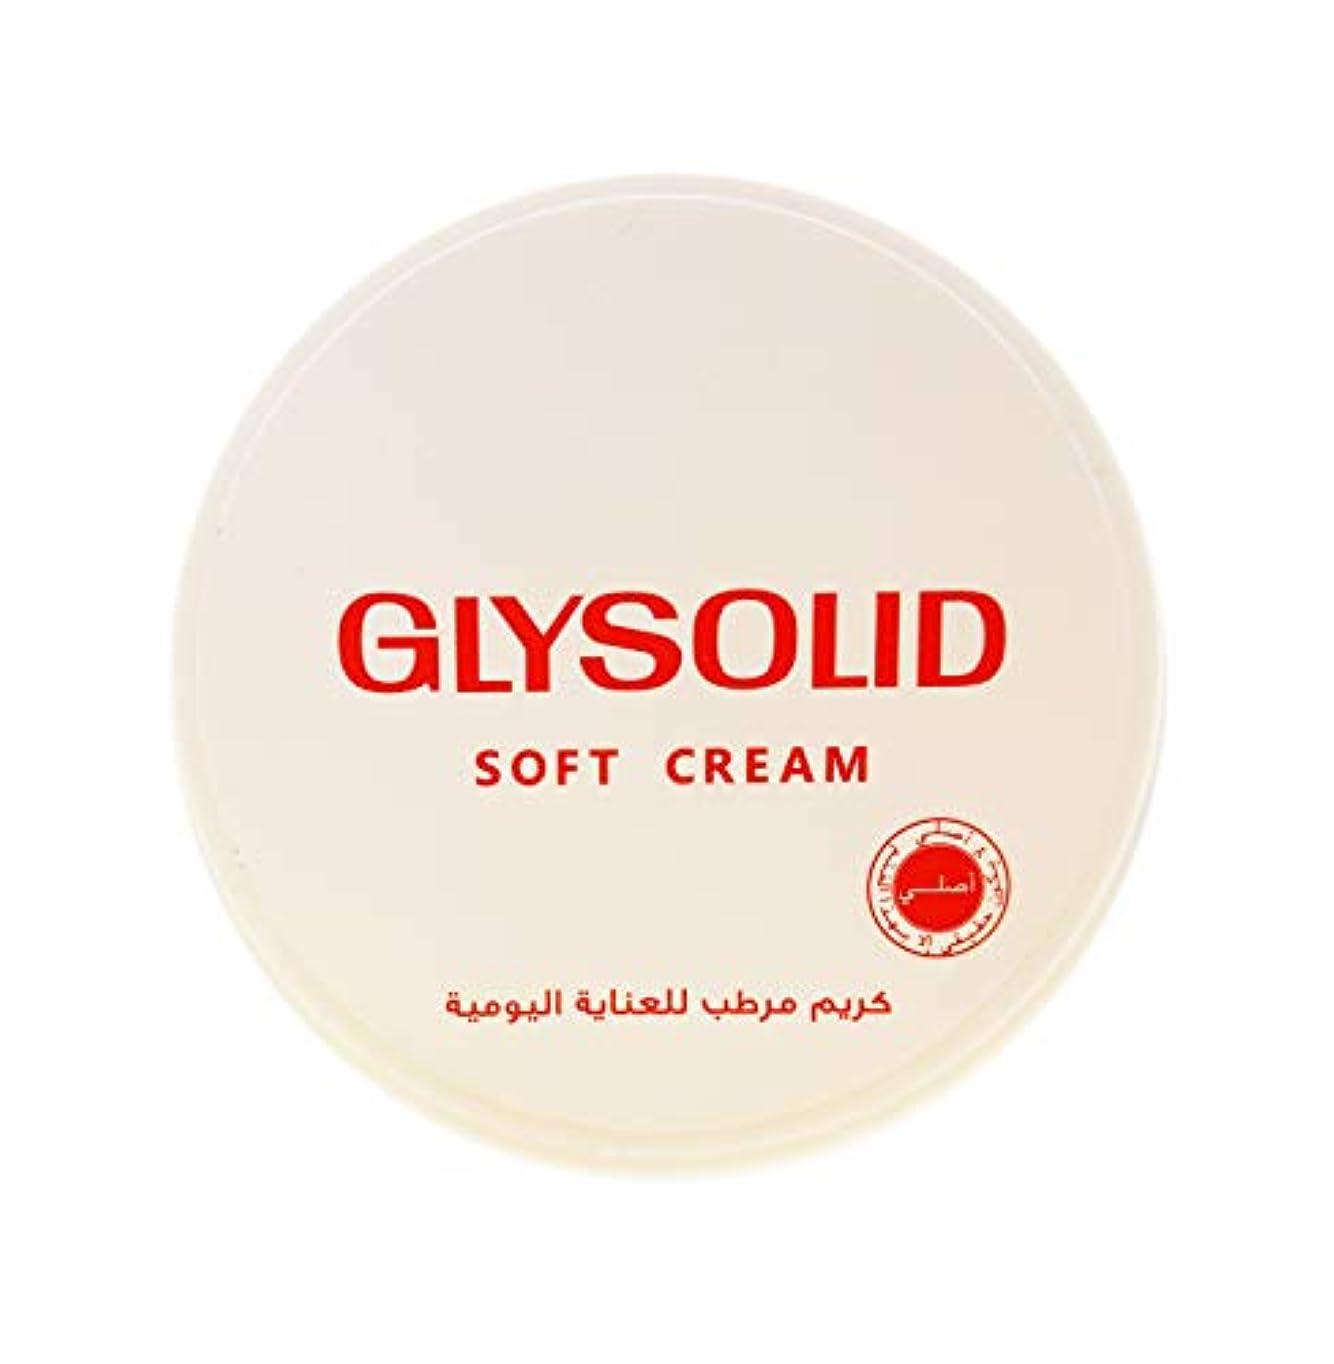 ドレスコーヒー時々Glysolid Soft Cream Moisturizers For Dry Skin Face Hands Feet Elbow Body Softening With Glycerin Keeping Your...